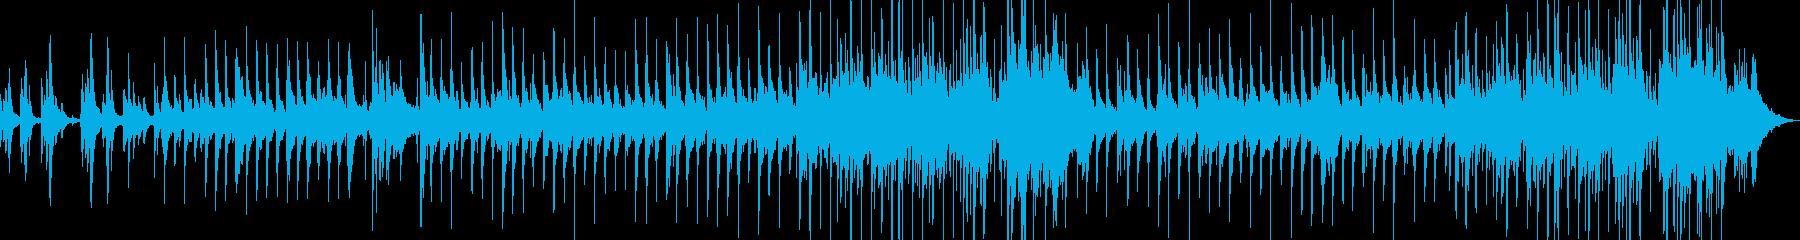 代替案 ポップ ロック カントリー...の再生済みの波形